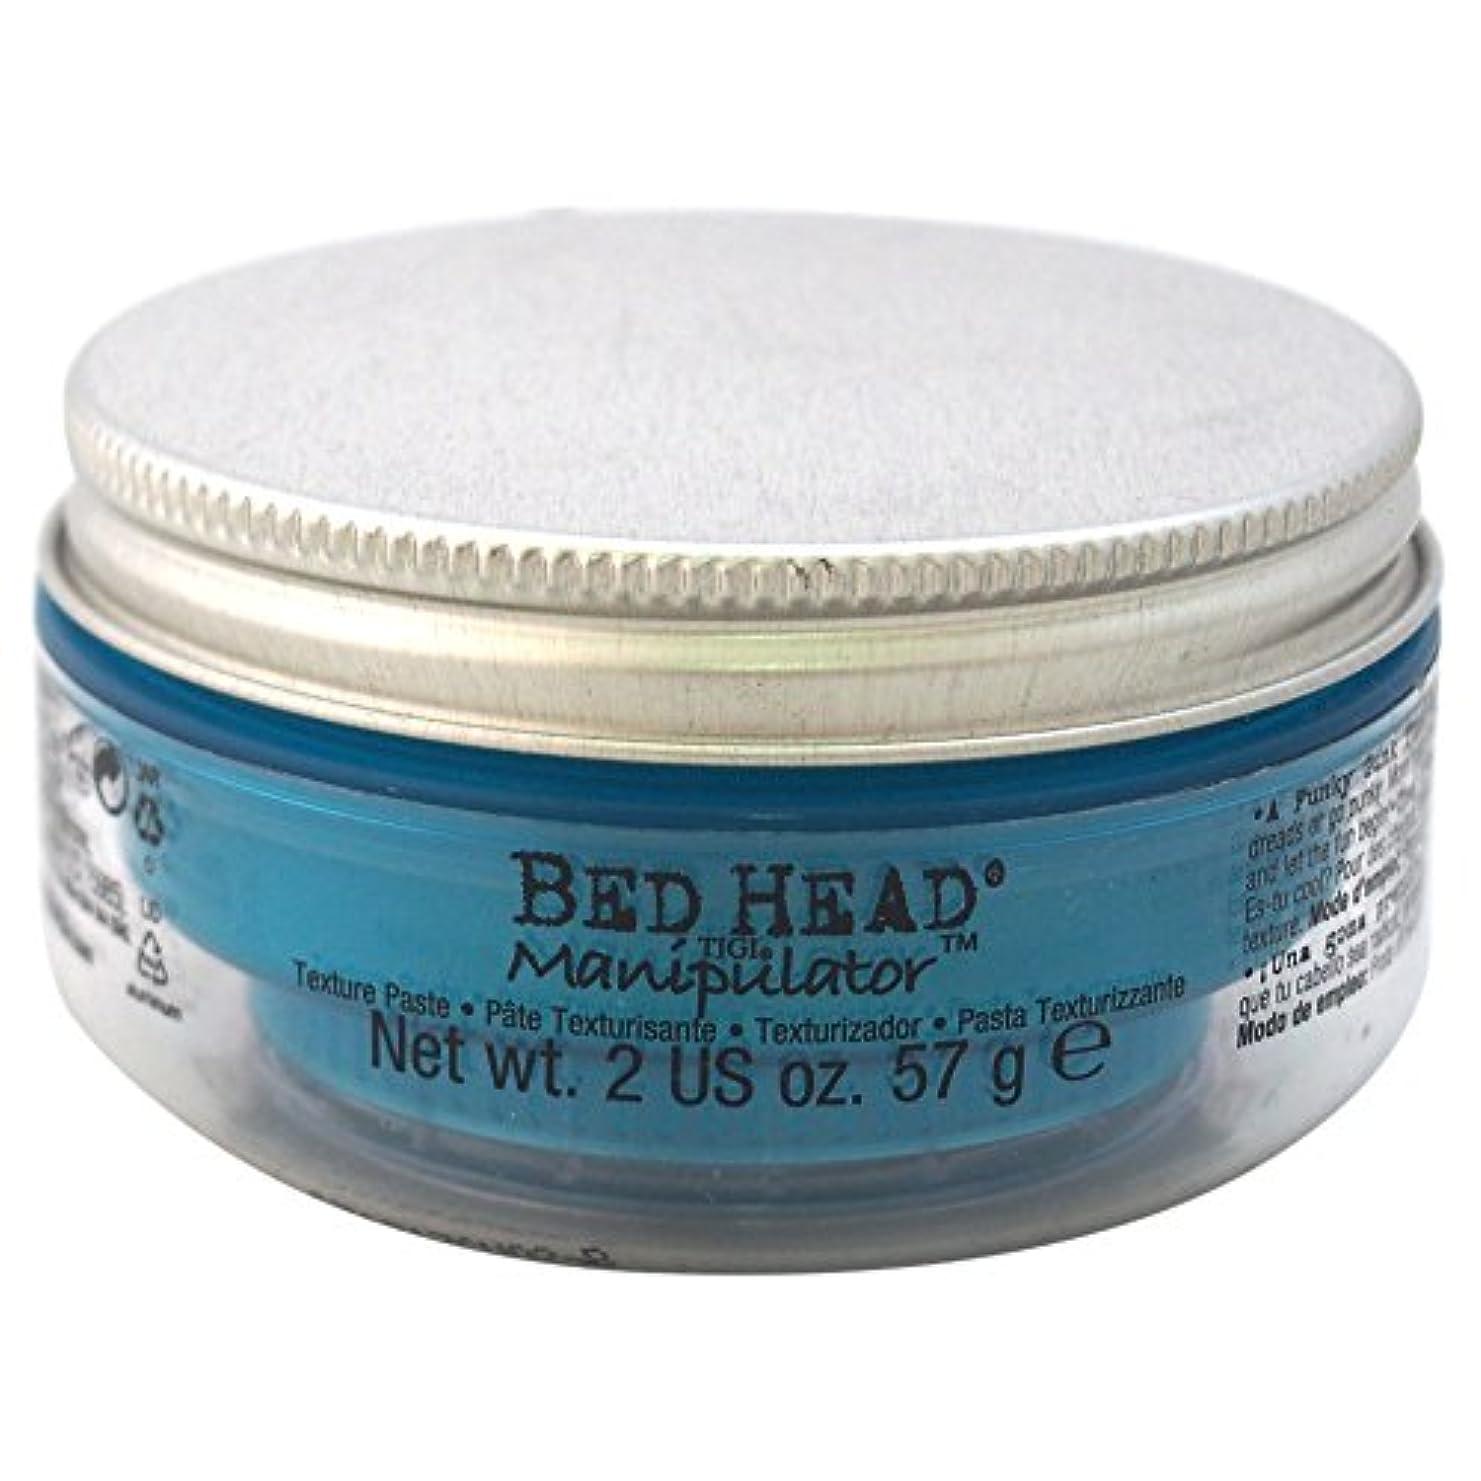 馬力単語ティジー ベッドヘッドマニピュレーター テキシチヤ ペースト Tigi Bed Head Manipulator Texture Paste 57 ml [並行輸入品]